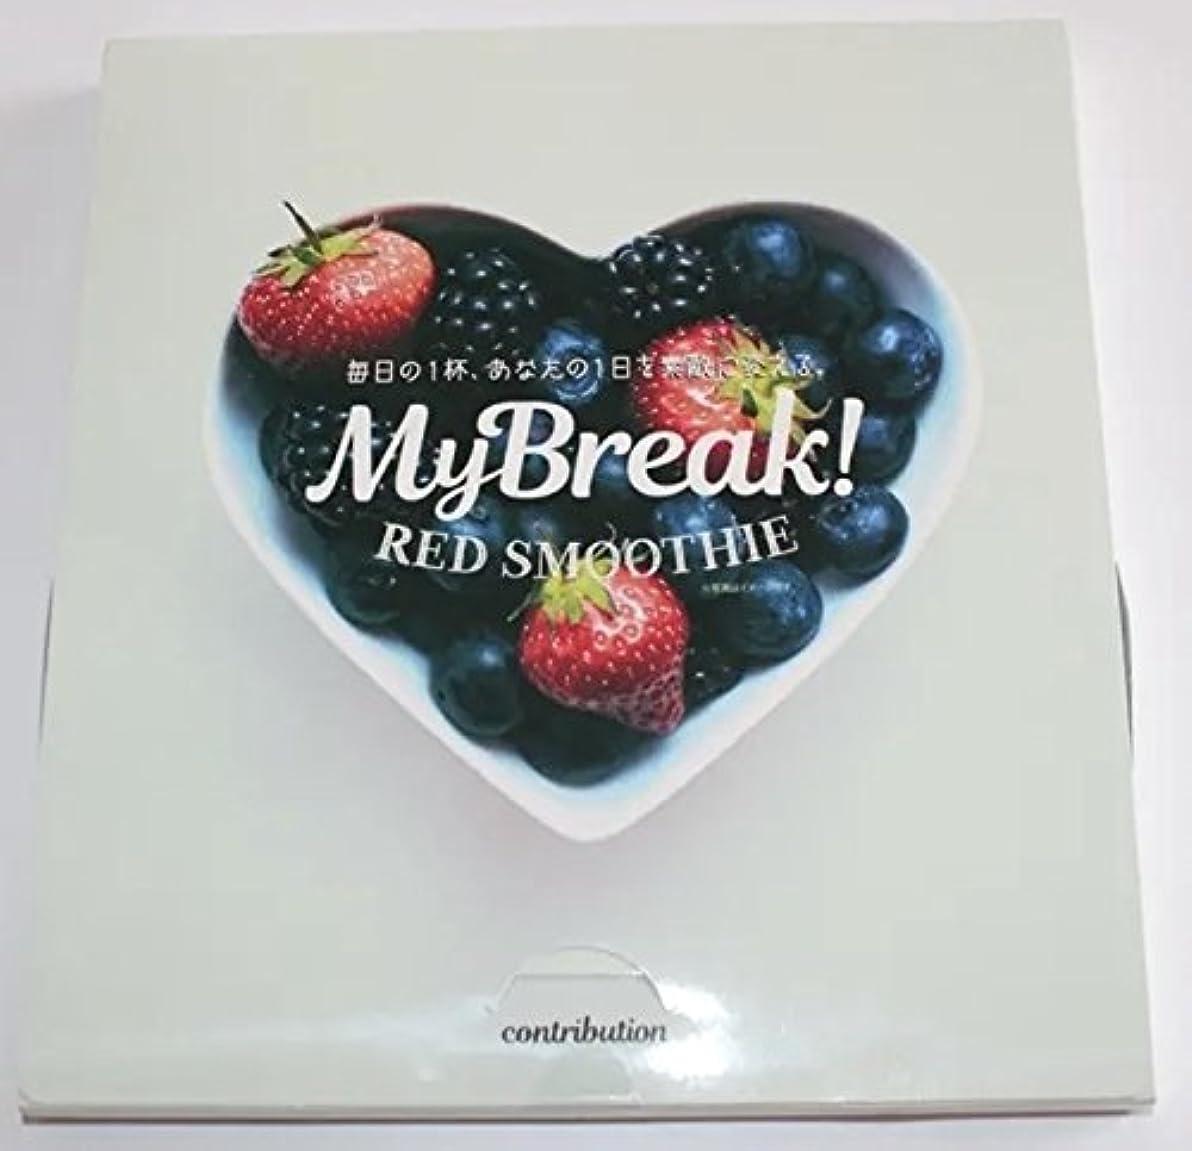 遺伝子よく話される休憩MyBreak! RED SMOOTHIE マイブレイク レッドスムージー 150g(1包5g×30包) [並行輸入品]